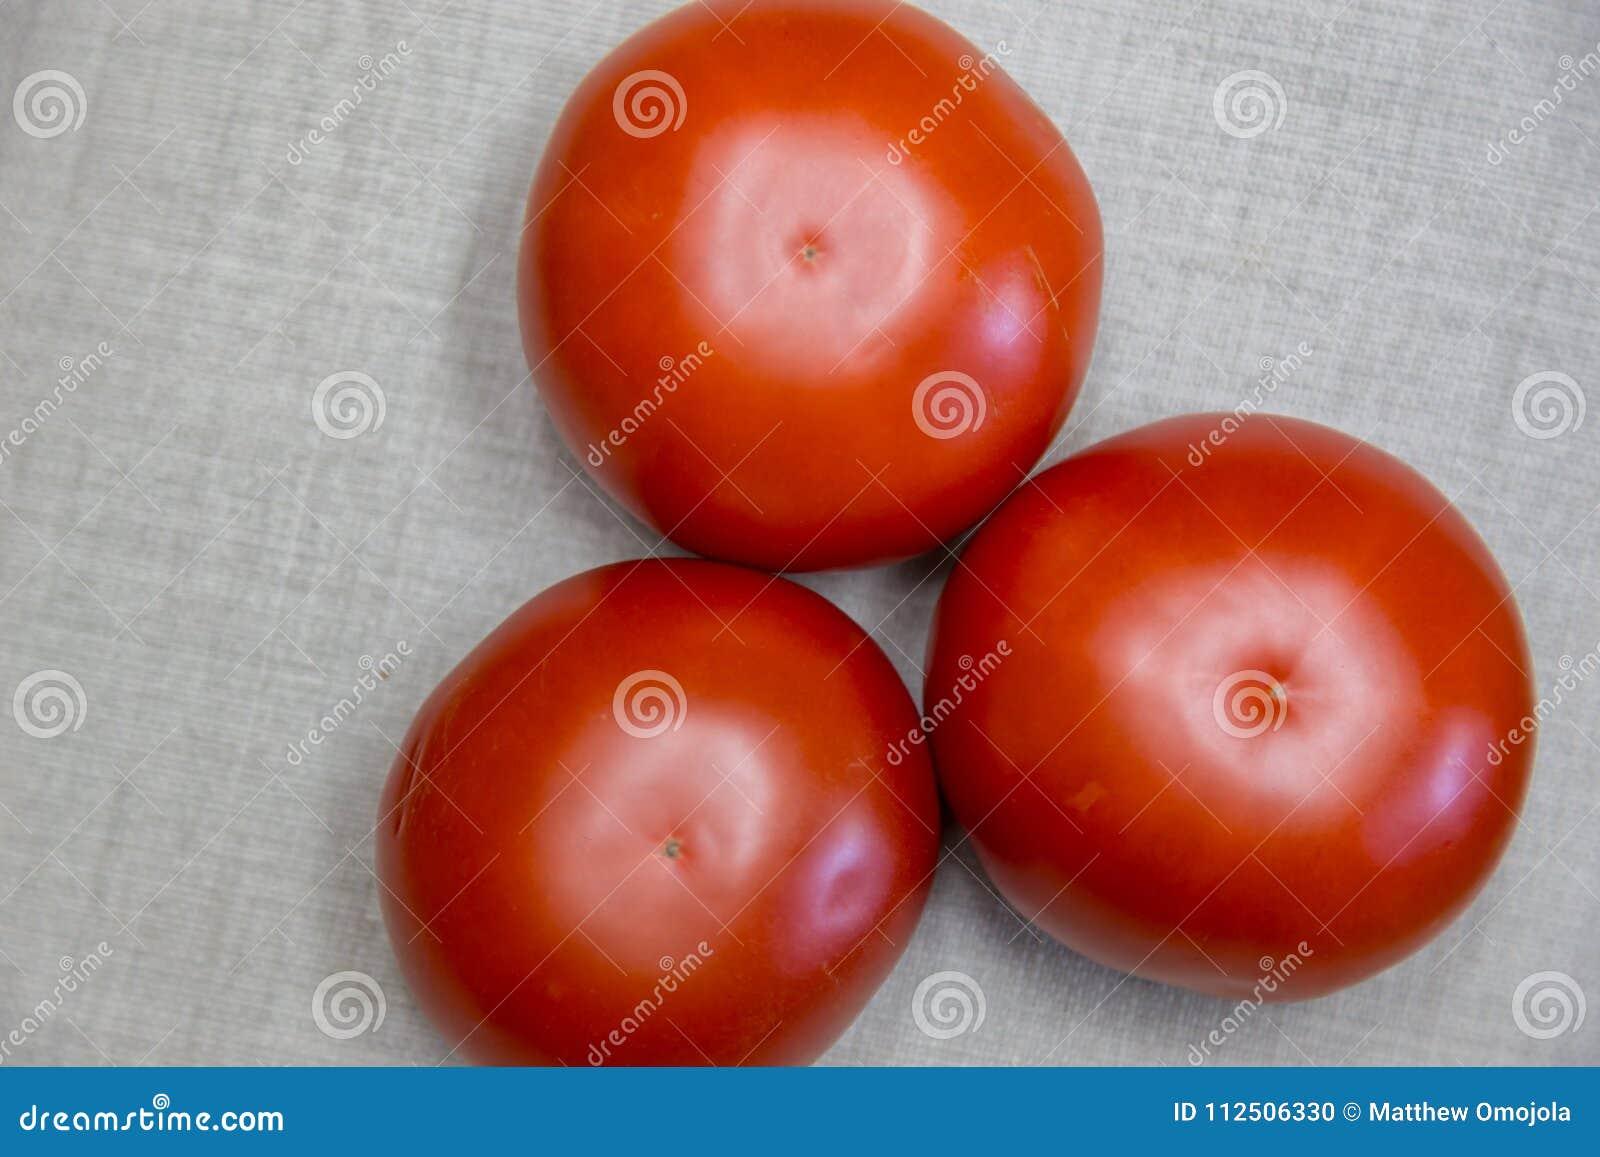 Drei rote Fleischtomaten